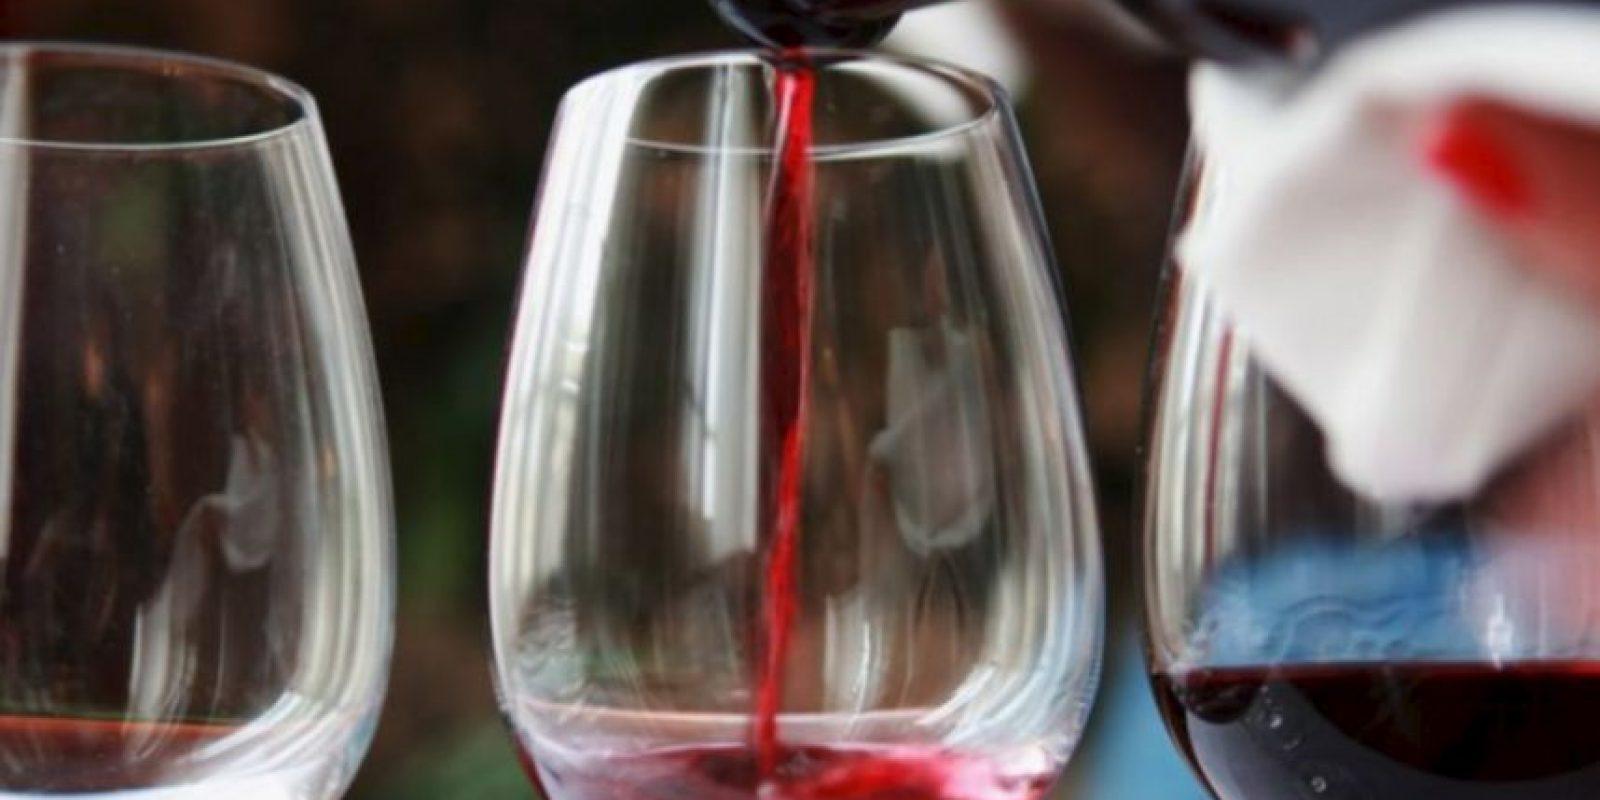 Calcas vivió en el siglo 13. Tenía un viñedo y un vecino le profetizó que no viviría para disfrutarlo. Cuando las uvas maduraron, invitó a su vecino y murió luego de beber. Foto:Getty Images